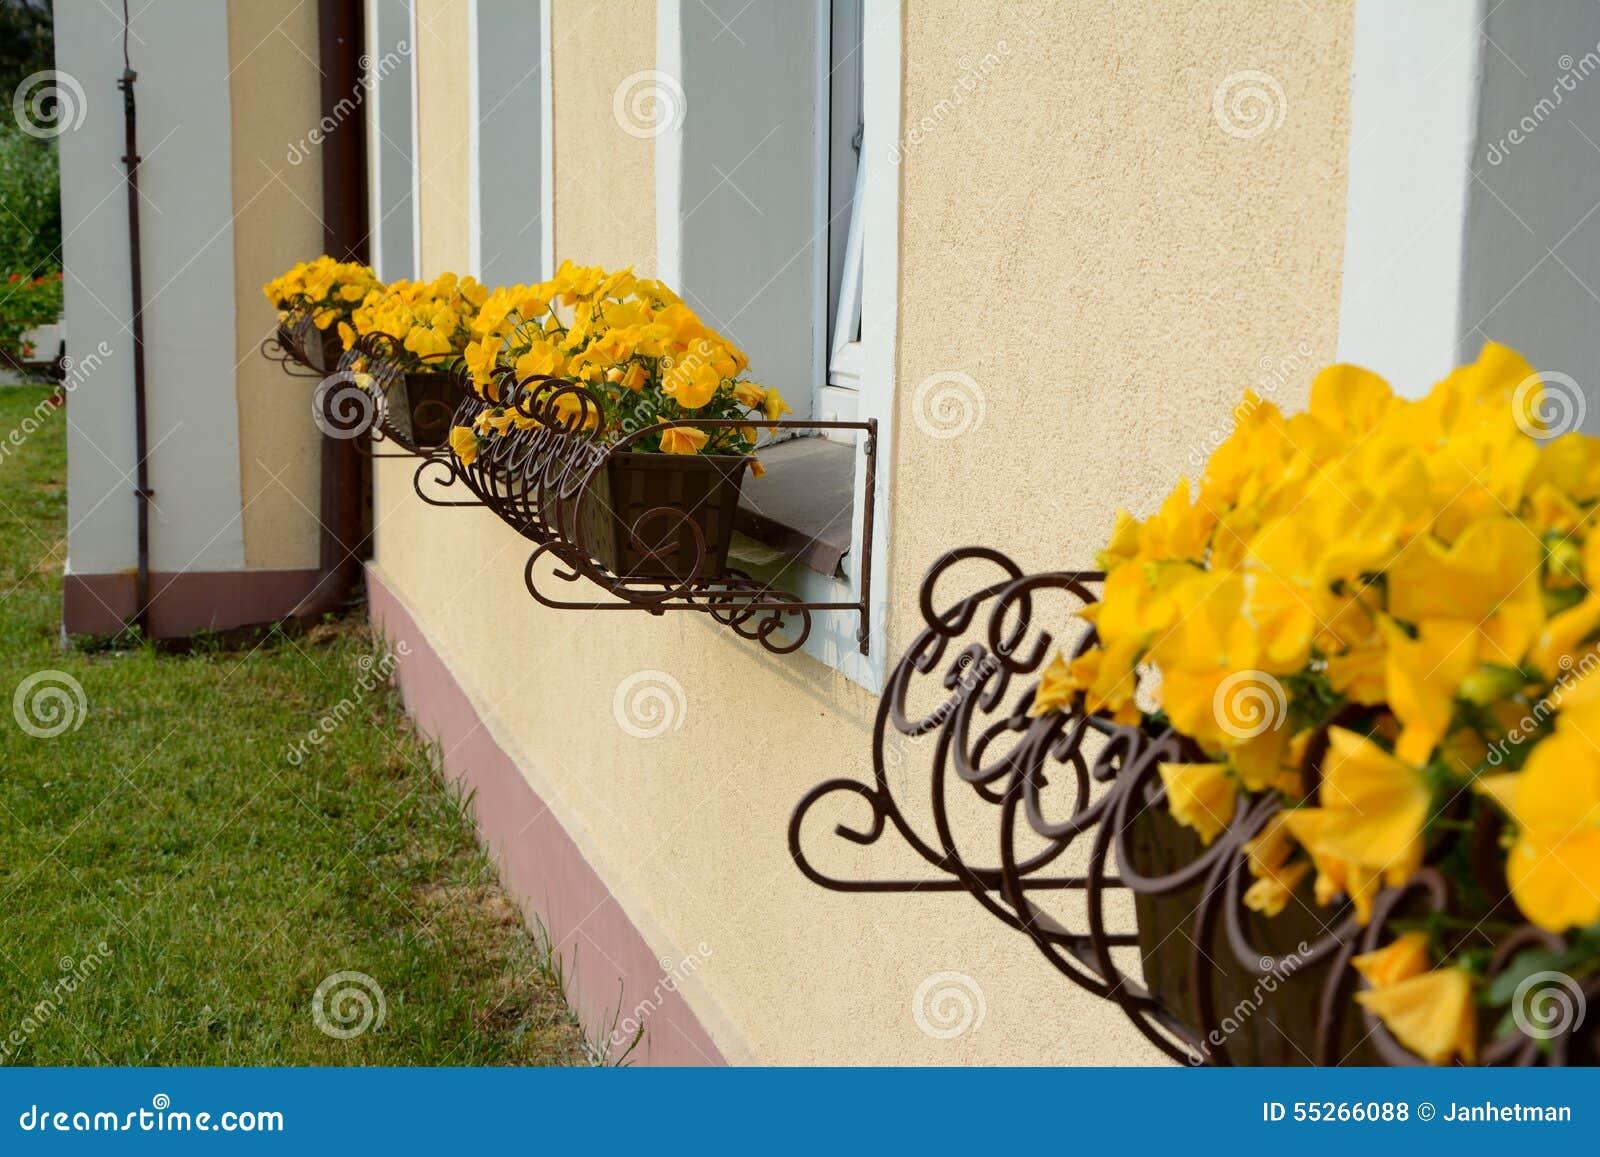 Желтые цветки в баках завода на окнах